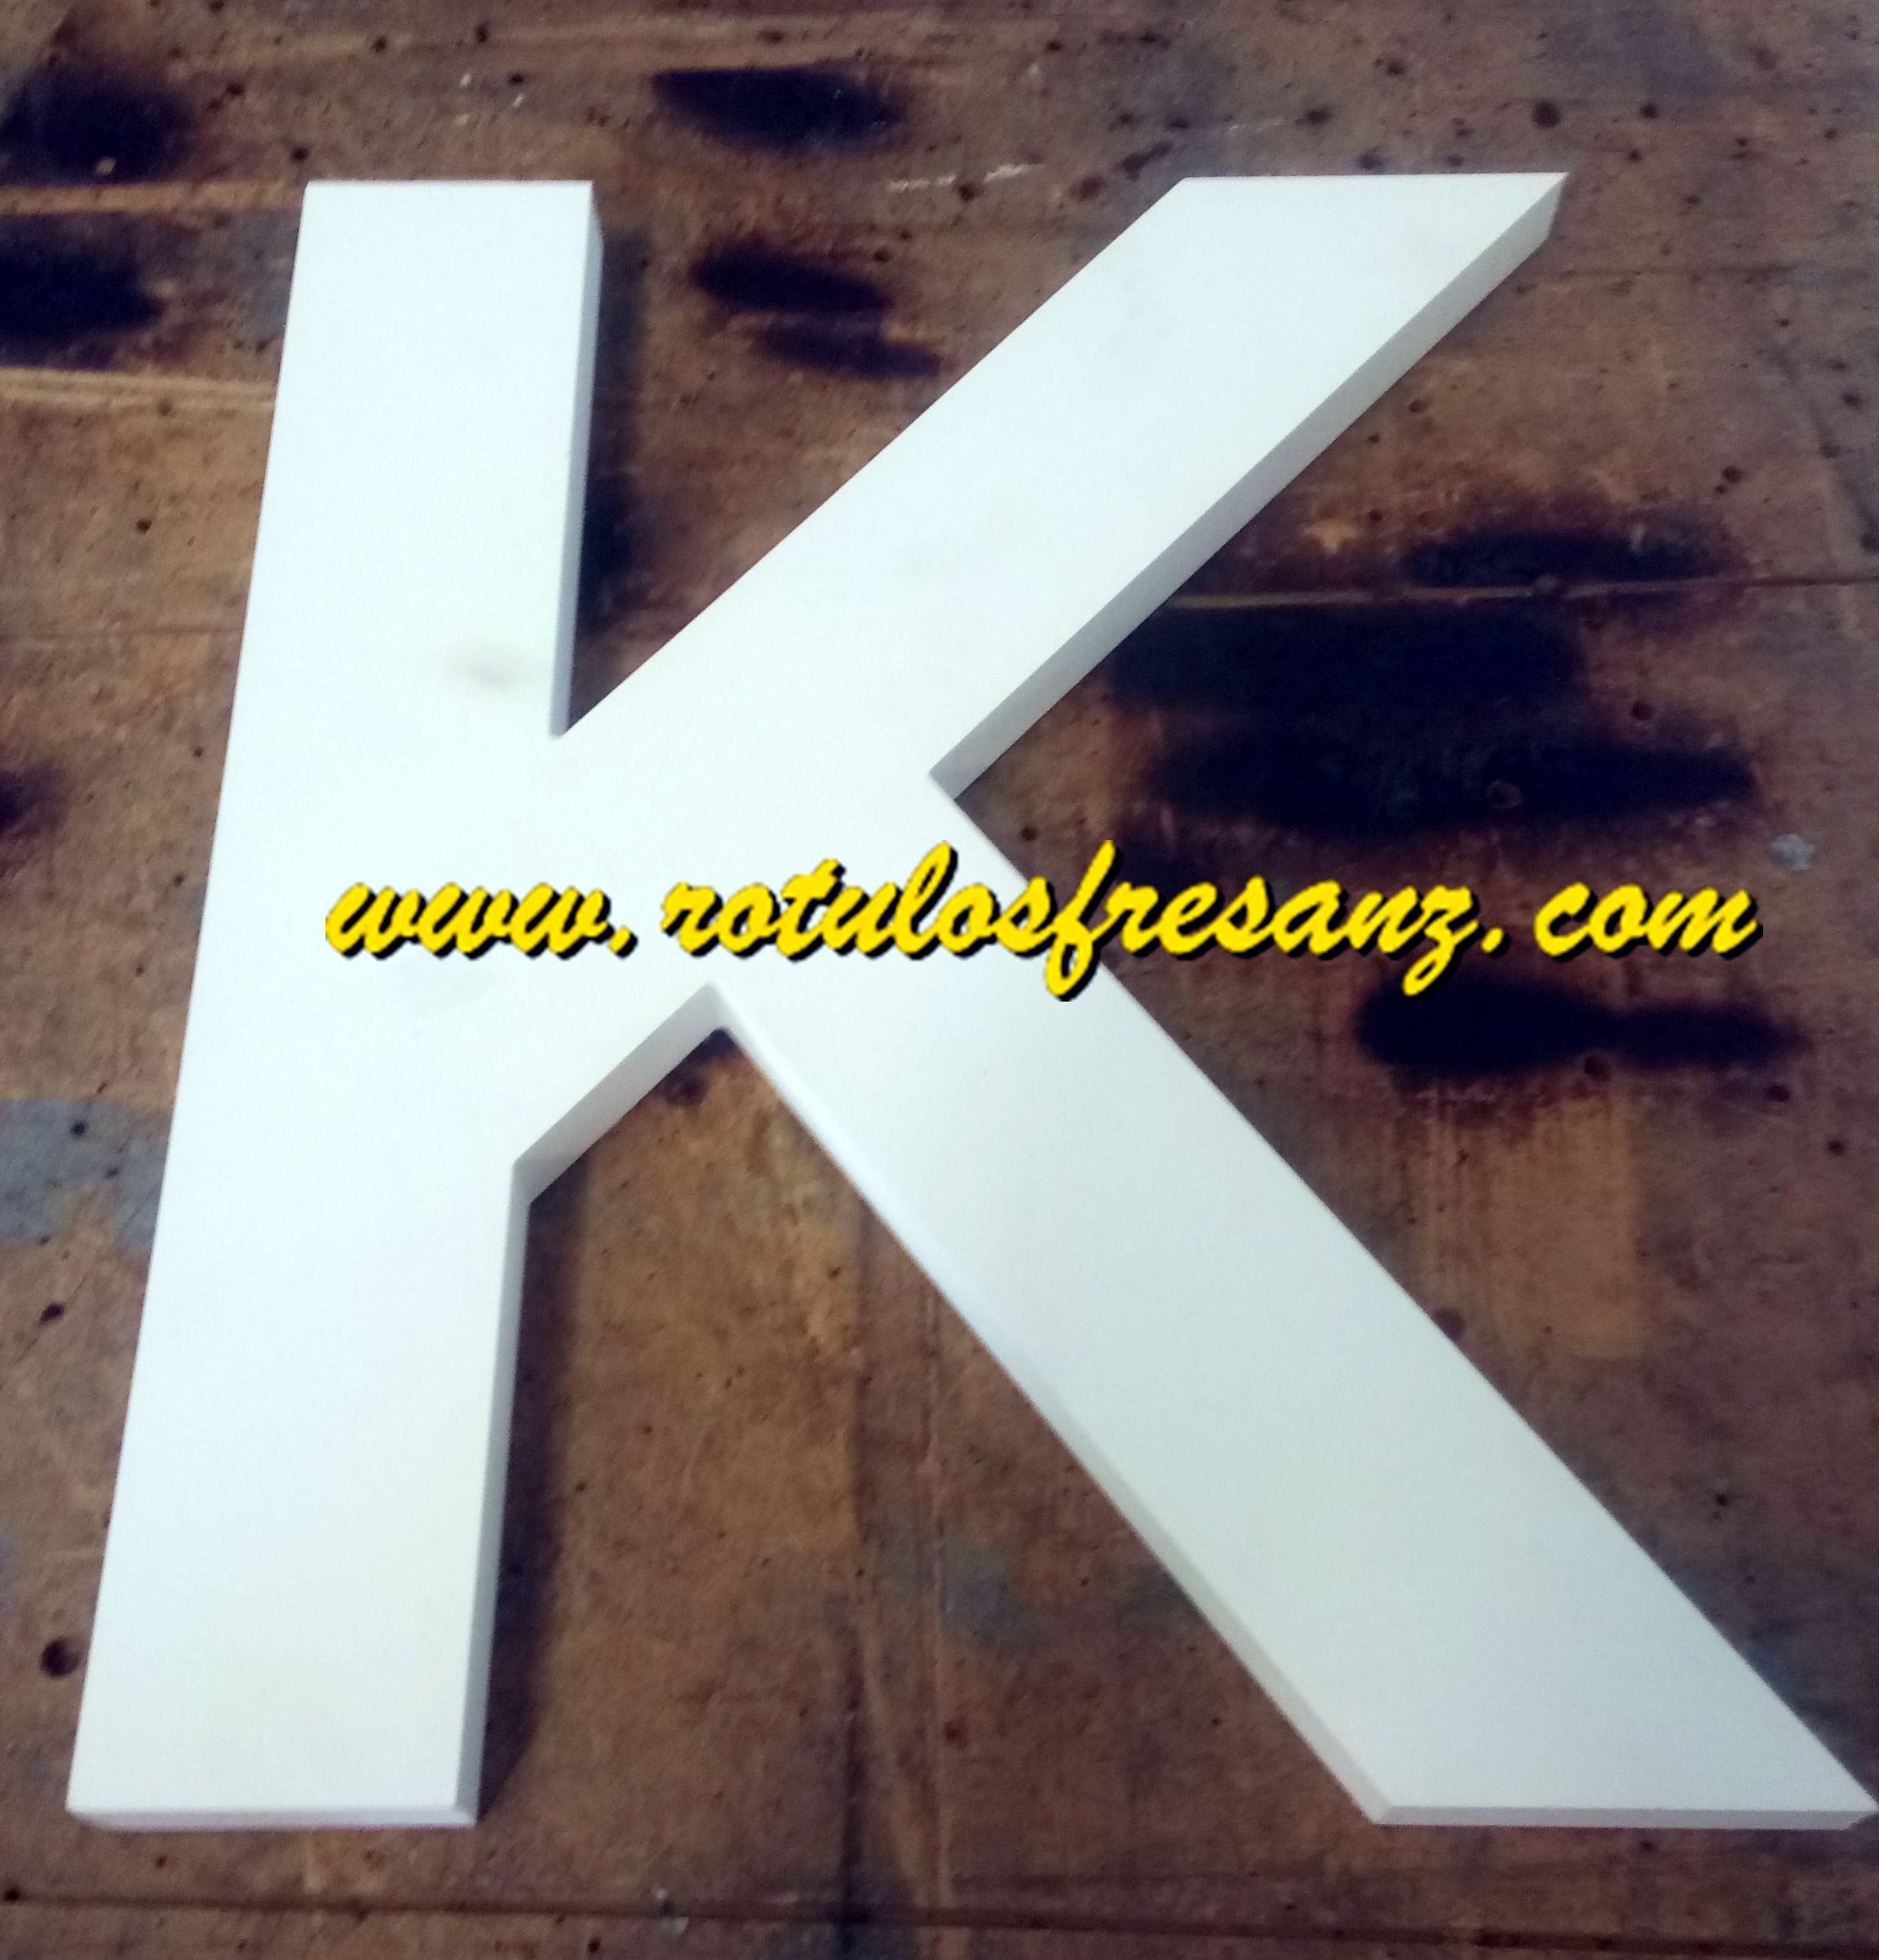 Fabricaci n letras corp reas fabricando en taller arte - Fabricacion letras corporeas ...